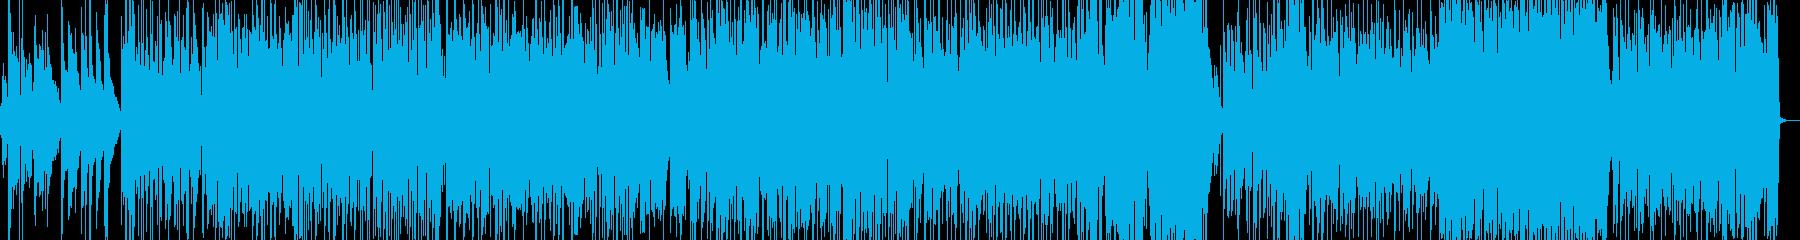 ミディアムテンポのノリのいい曲の再生済みの波形